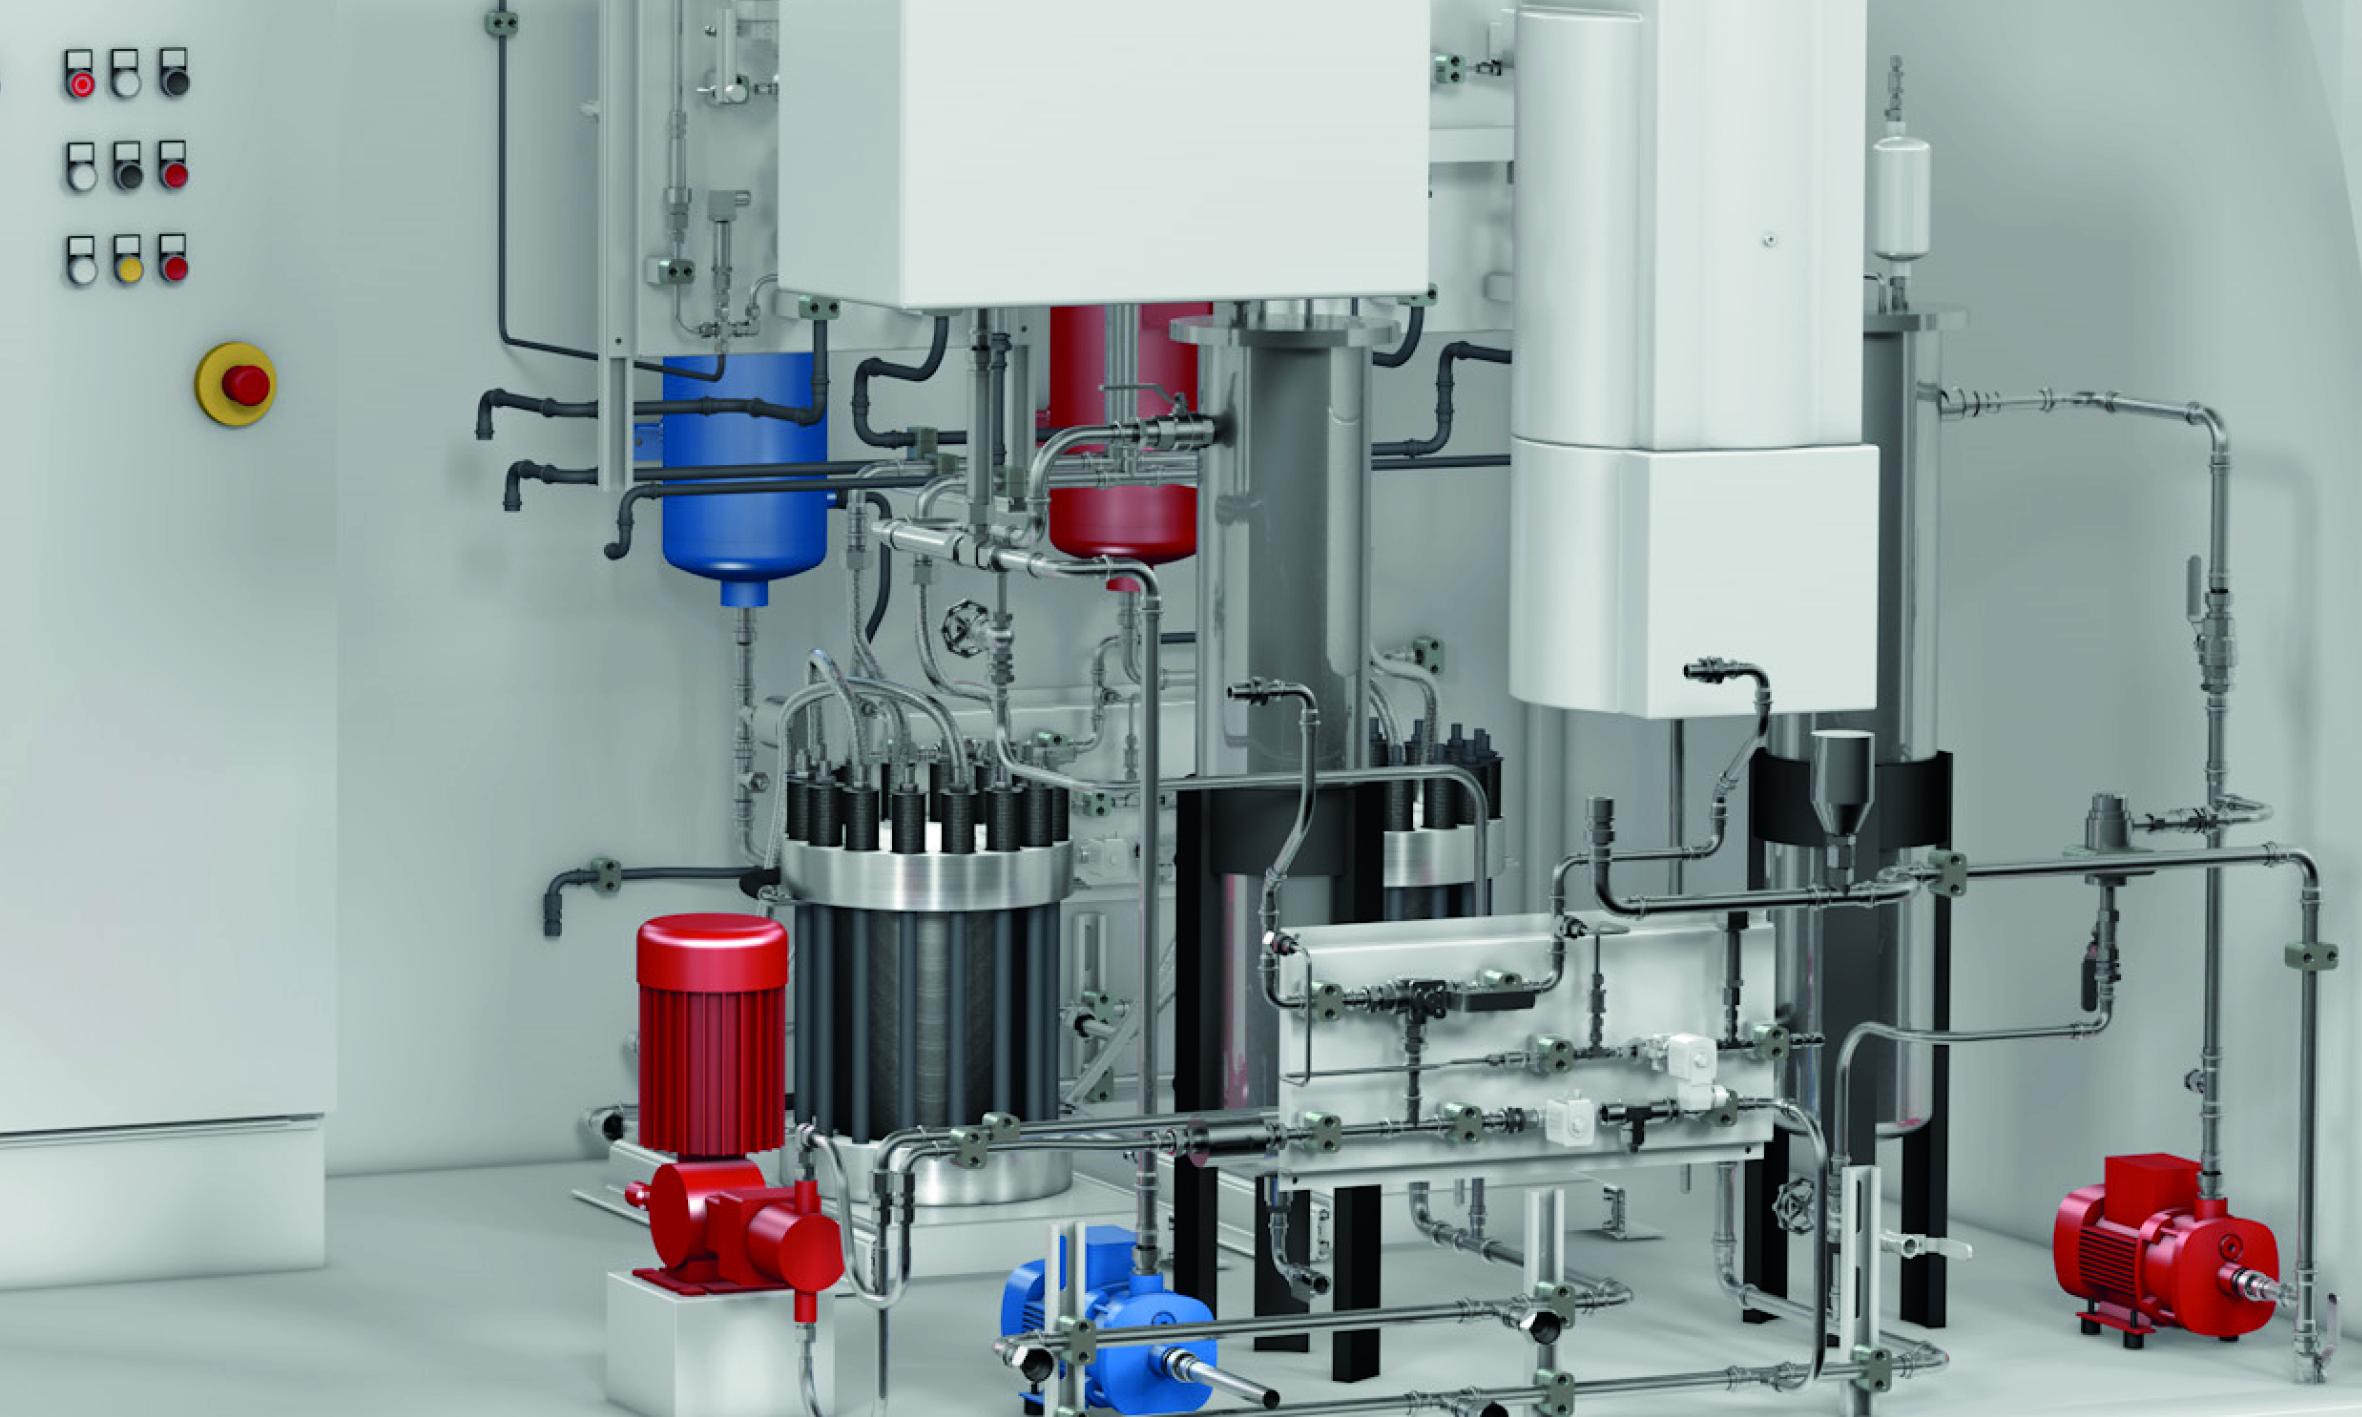 3D-CAD-Anlagenplanung für grüne Wasserstoffanlagen